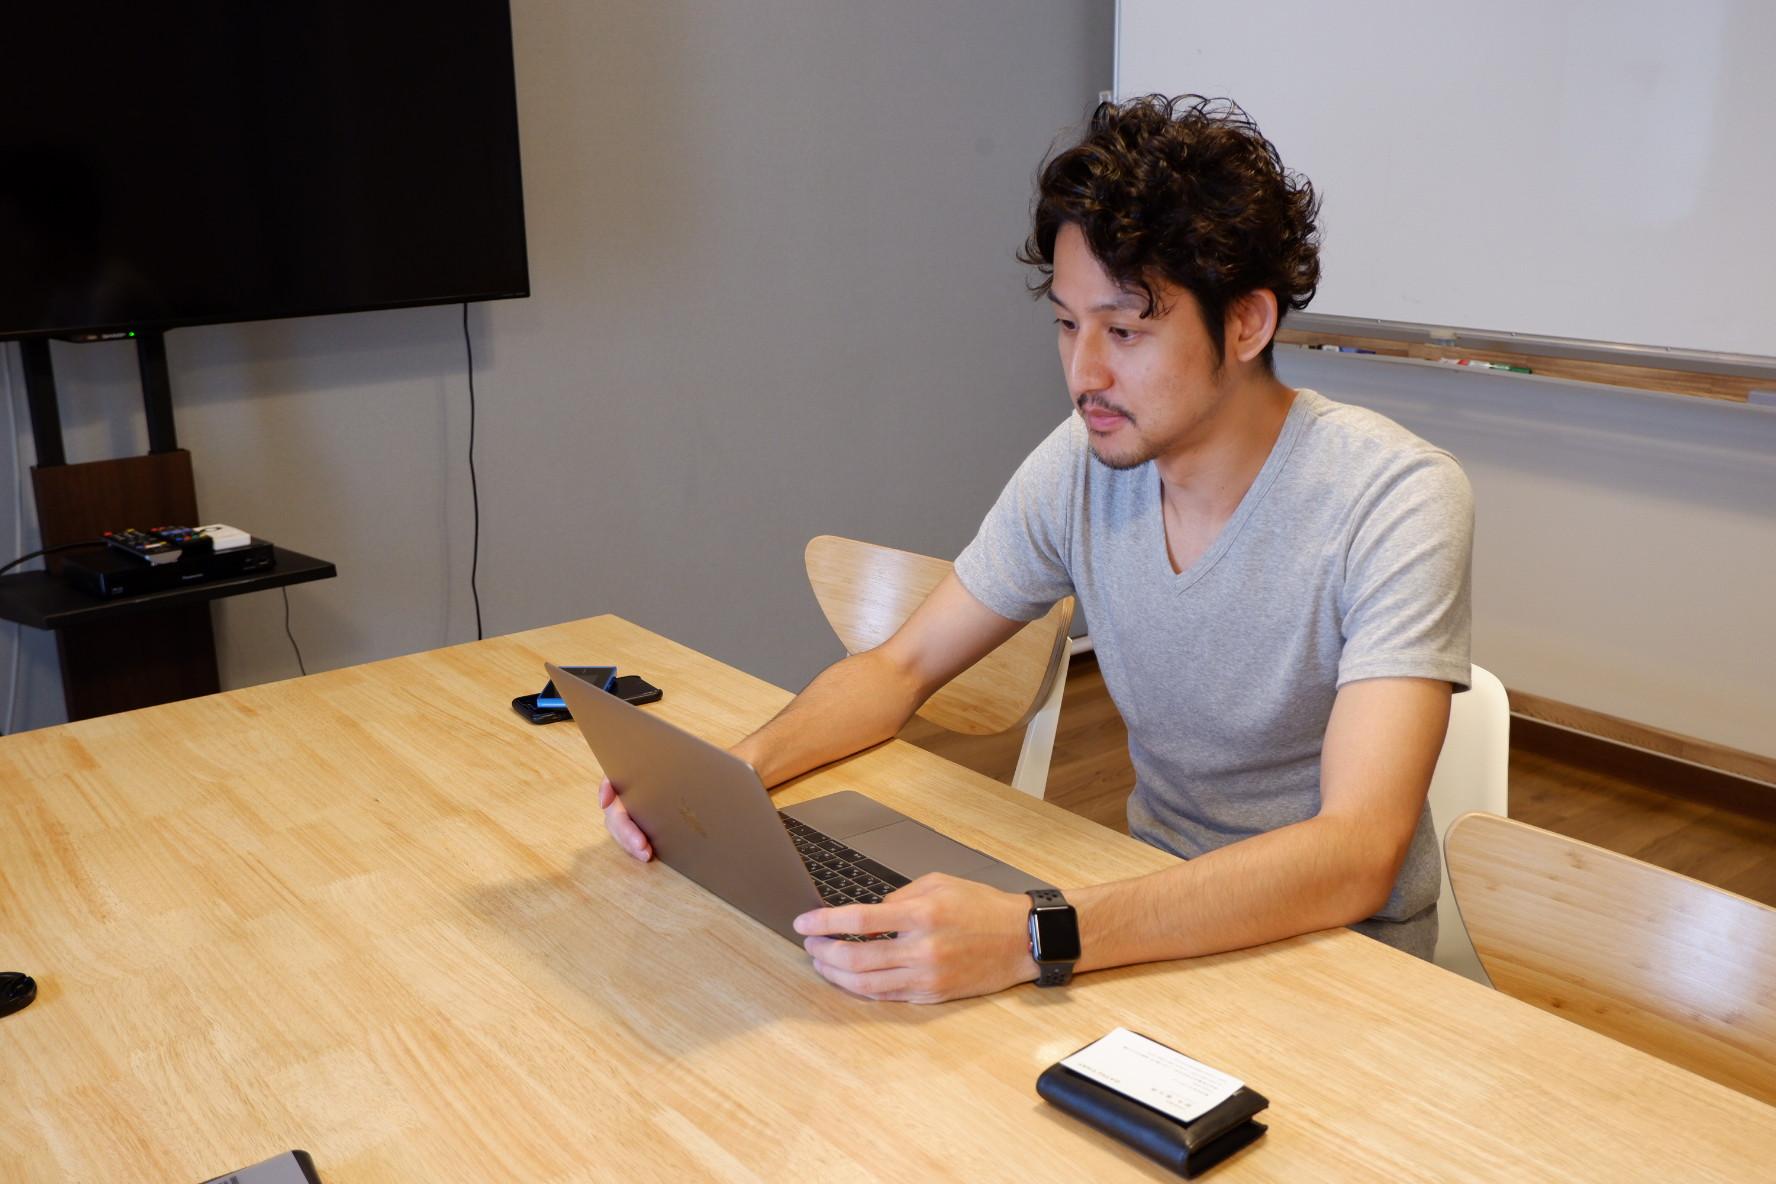 渋谷の結婚相談所BRIDAL HILLSにインタビュー!人材業界で培った経験が強み?